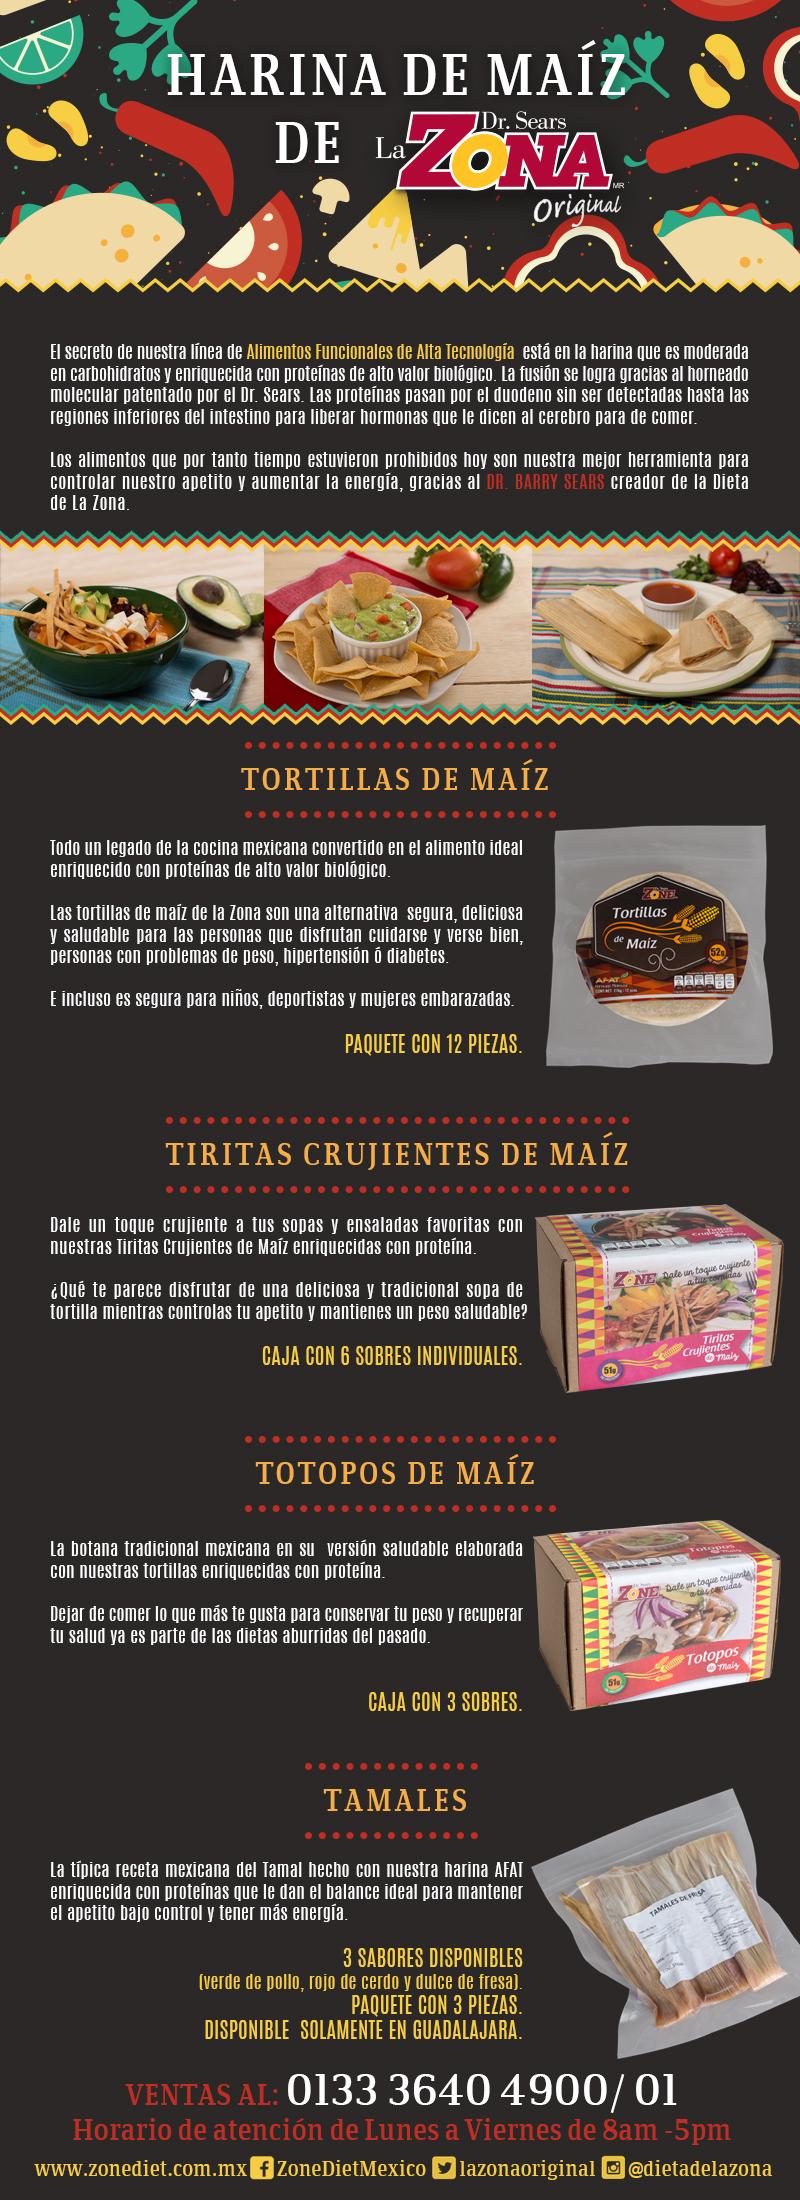 productos_maiz2